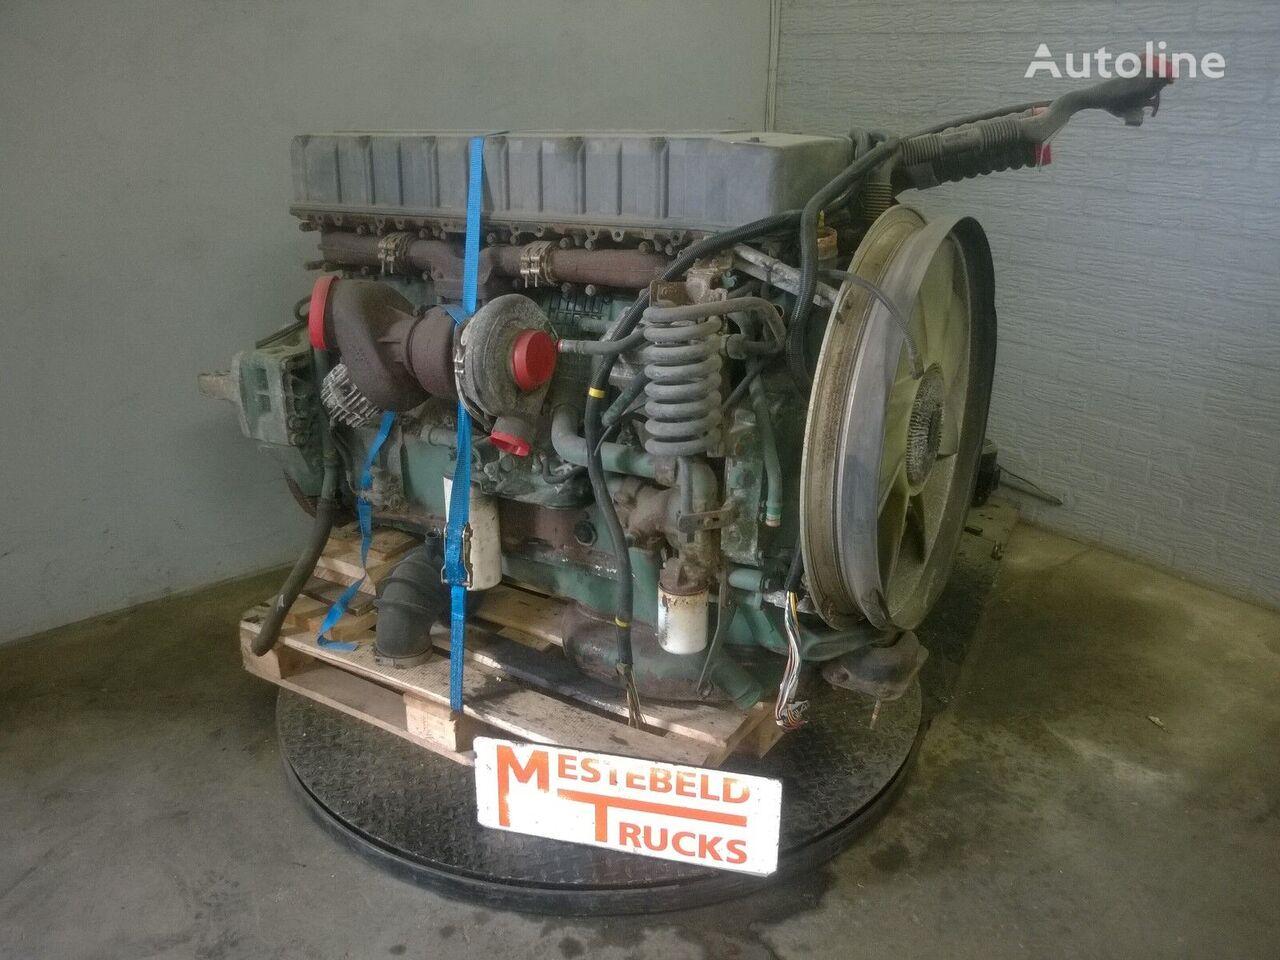 motore VOLVO D12A 420 EC 93 per trattore stradale VOLVO Motor D12A 420 EC 93